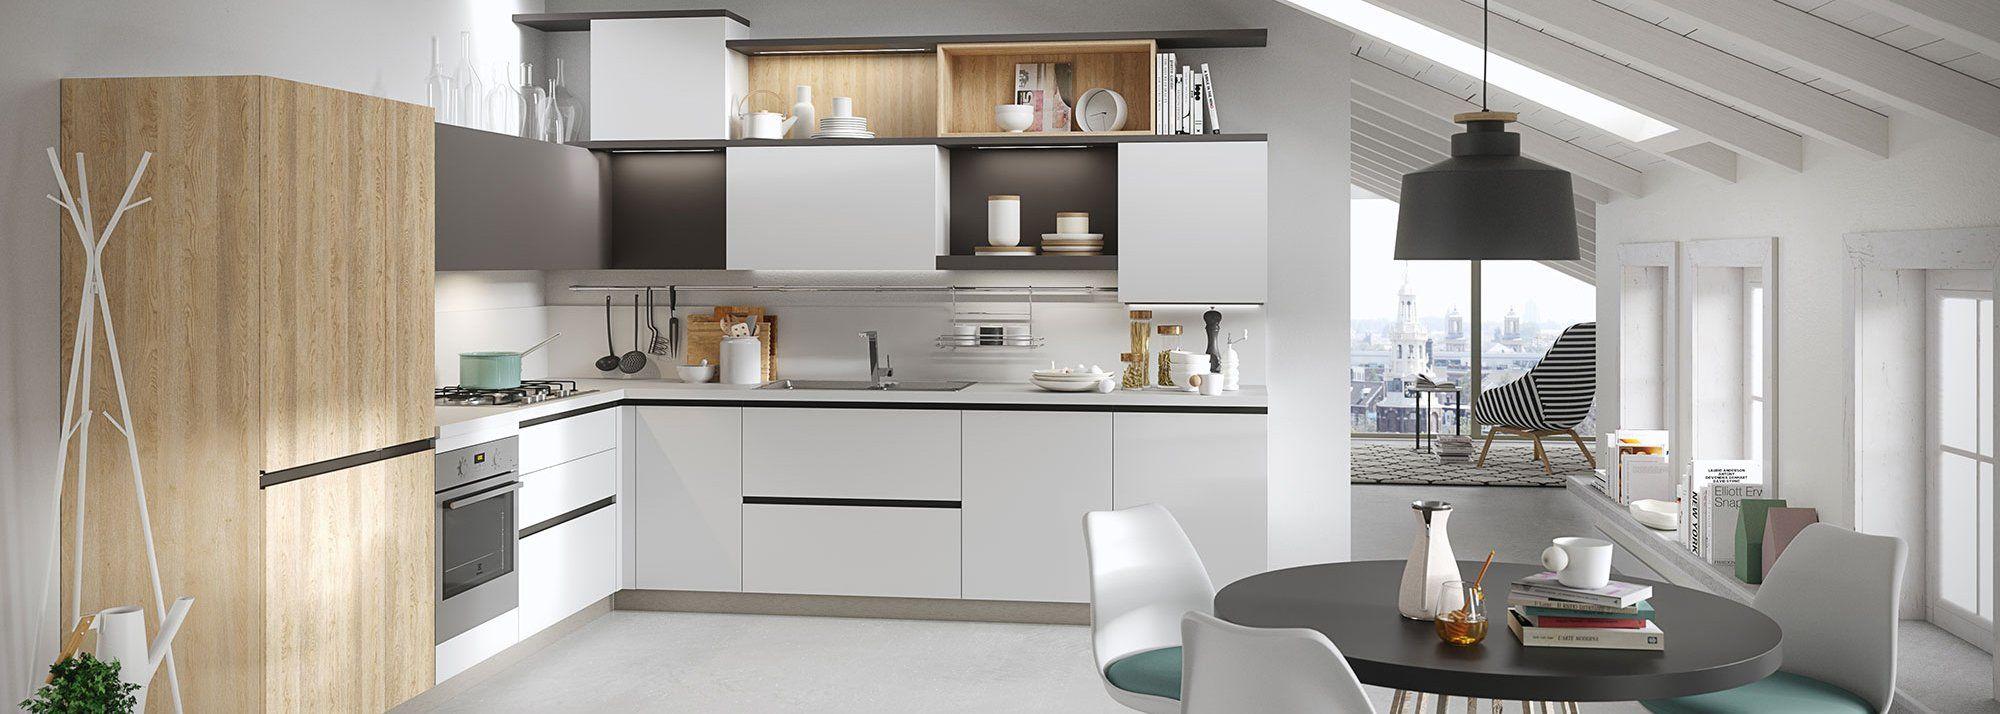 Mobili Avellino E Provincia denis arreda biella | mobili e arredamento